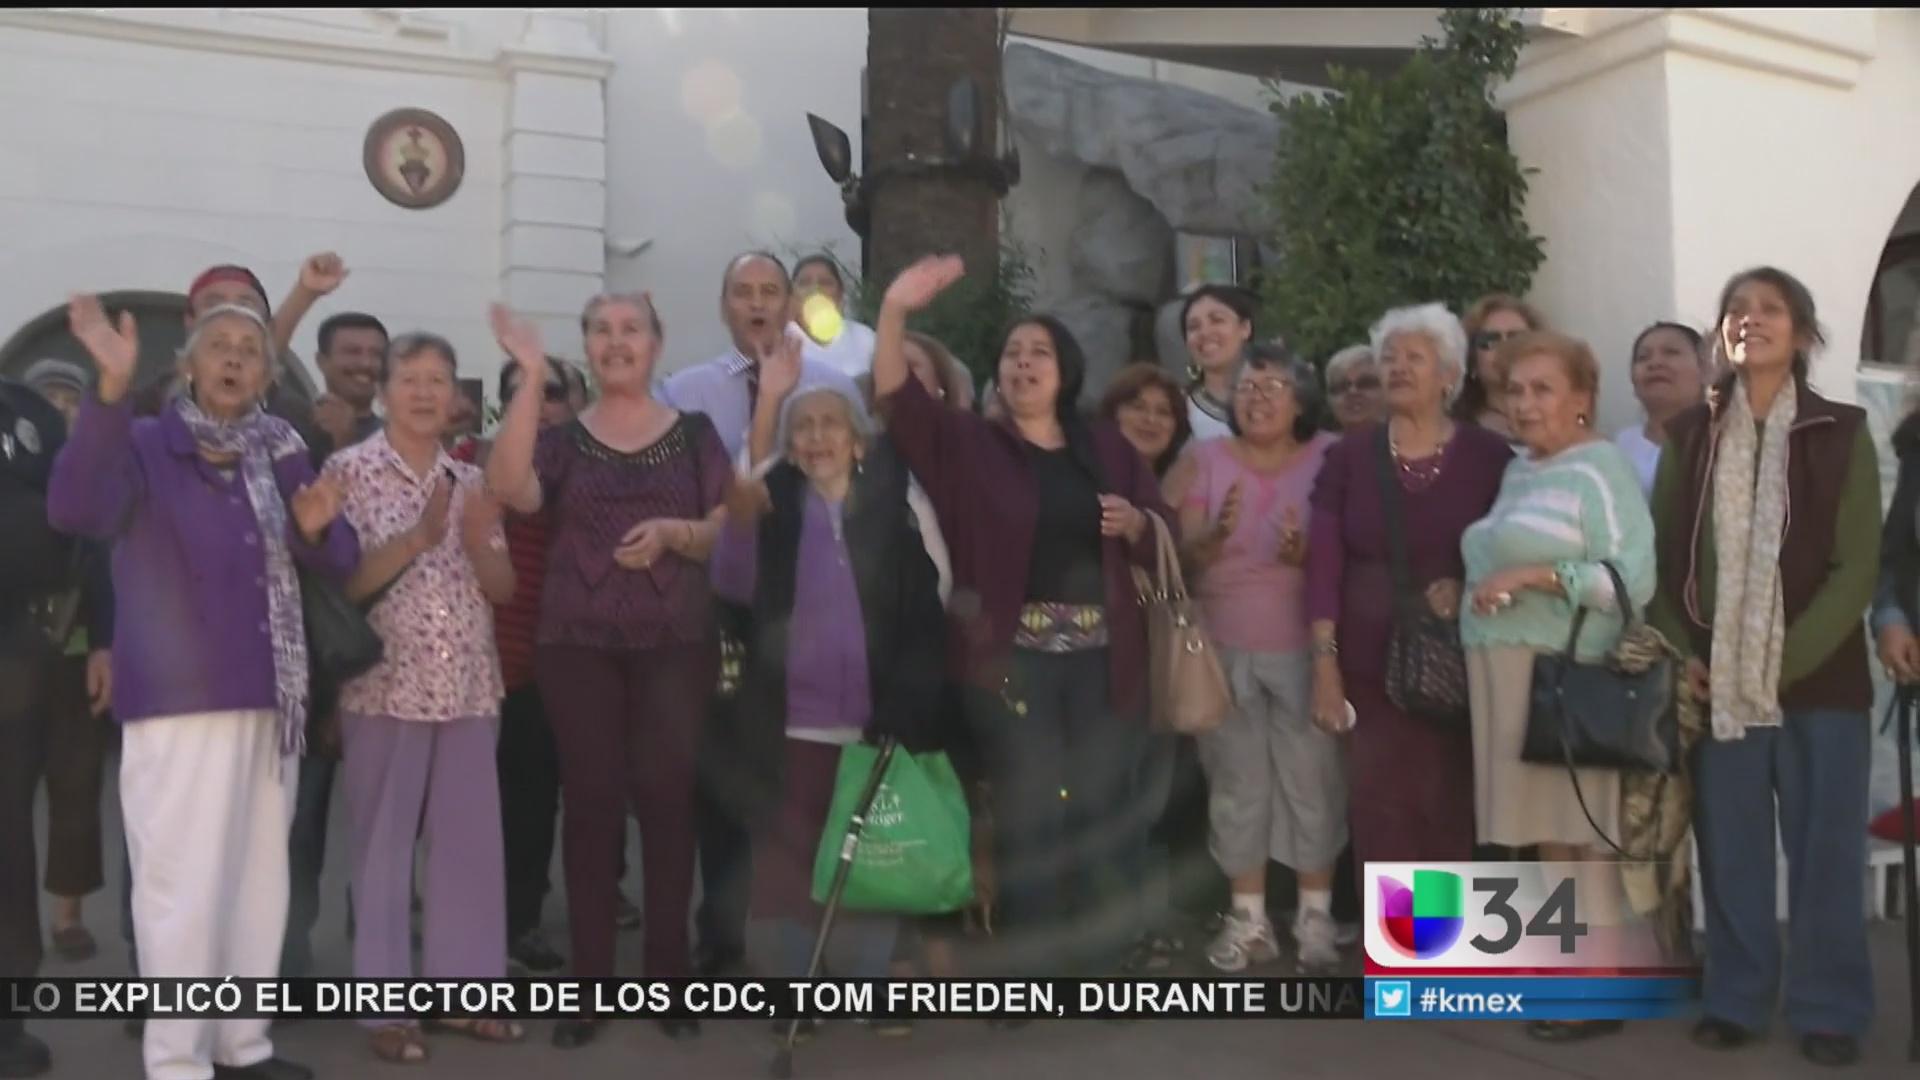 Creyentes se llenan de esperanza con la visita del papa Francisco a México